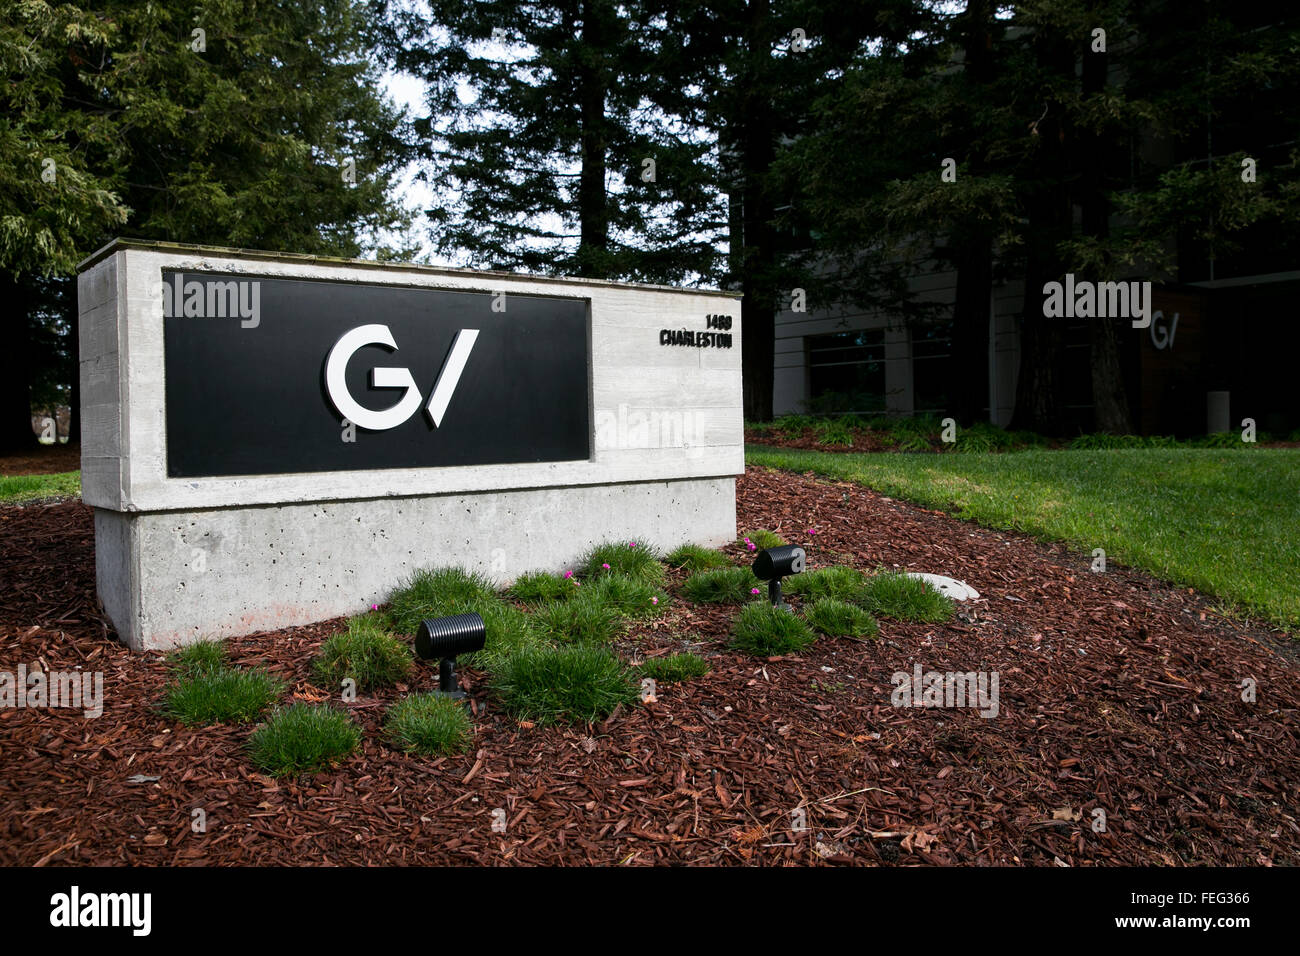 Ein Logo Zeichen außerhalb der Hauptsitz der GV, auch bekannt als Google Ventures in Mountain View, Kalifornien Stockbild